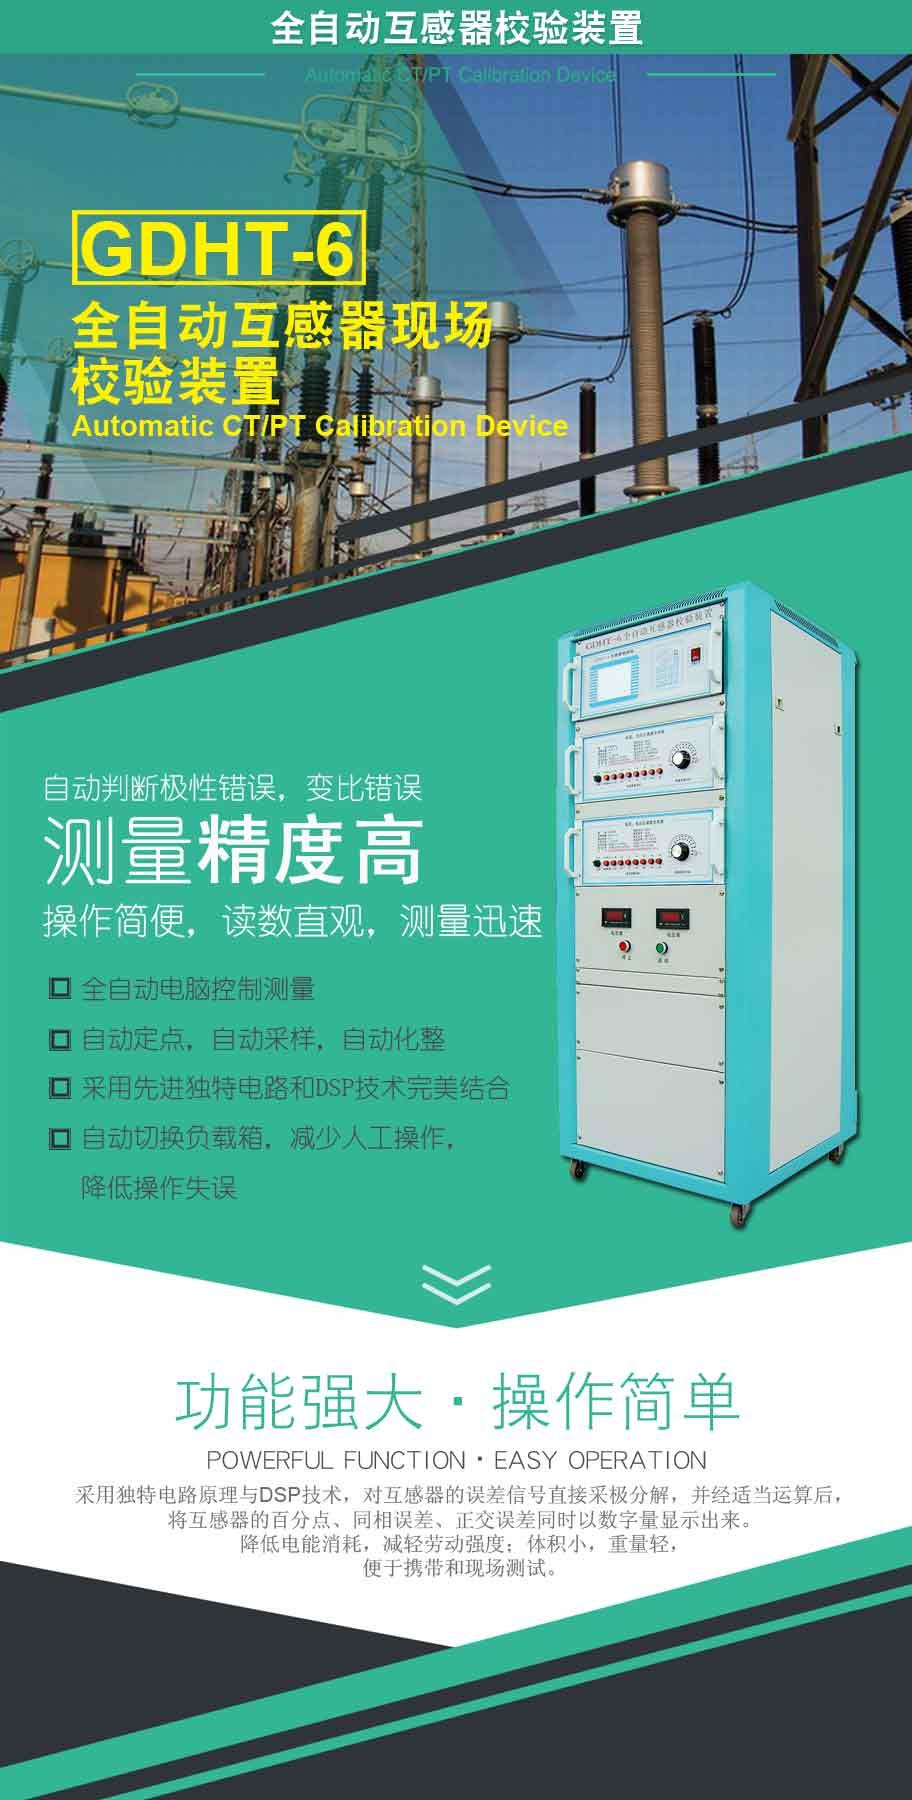 GDHT-6 全自动互感器校验装置